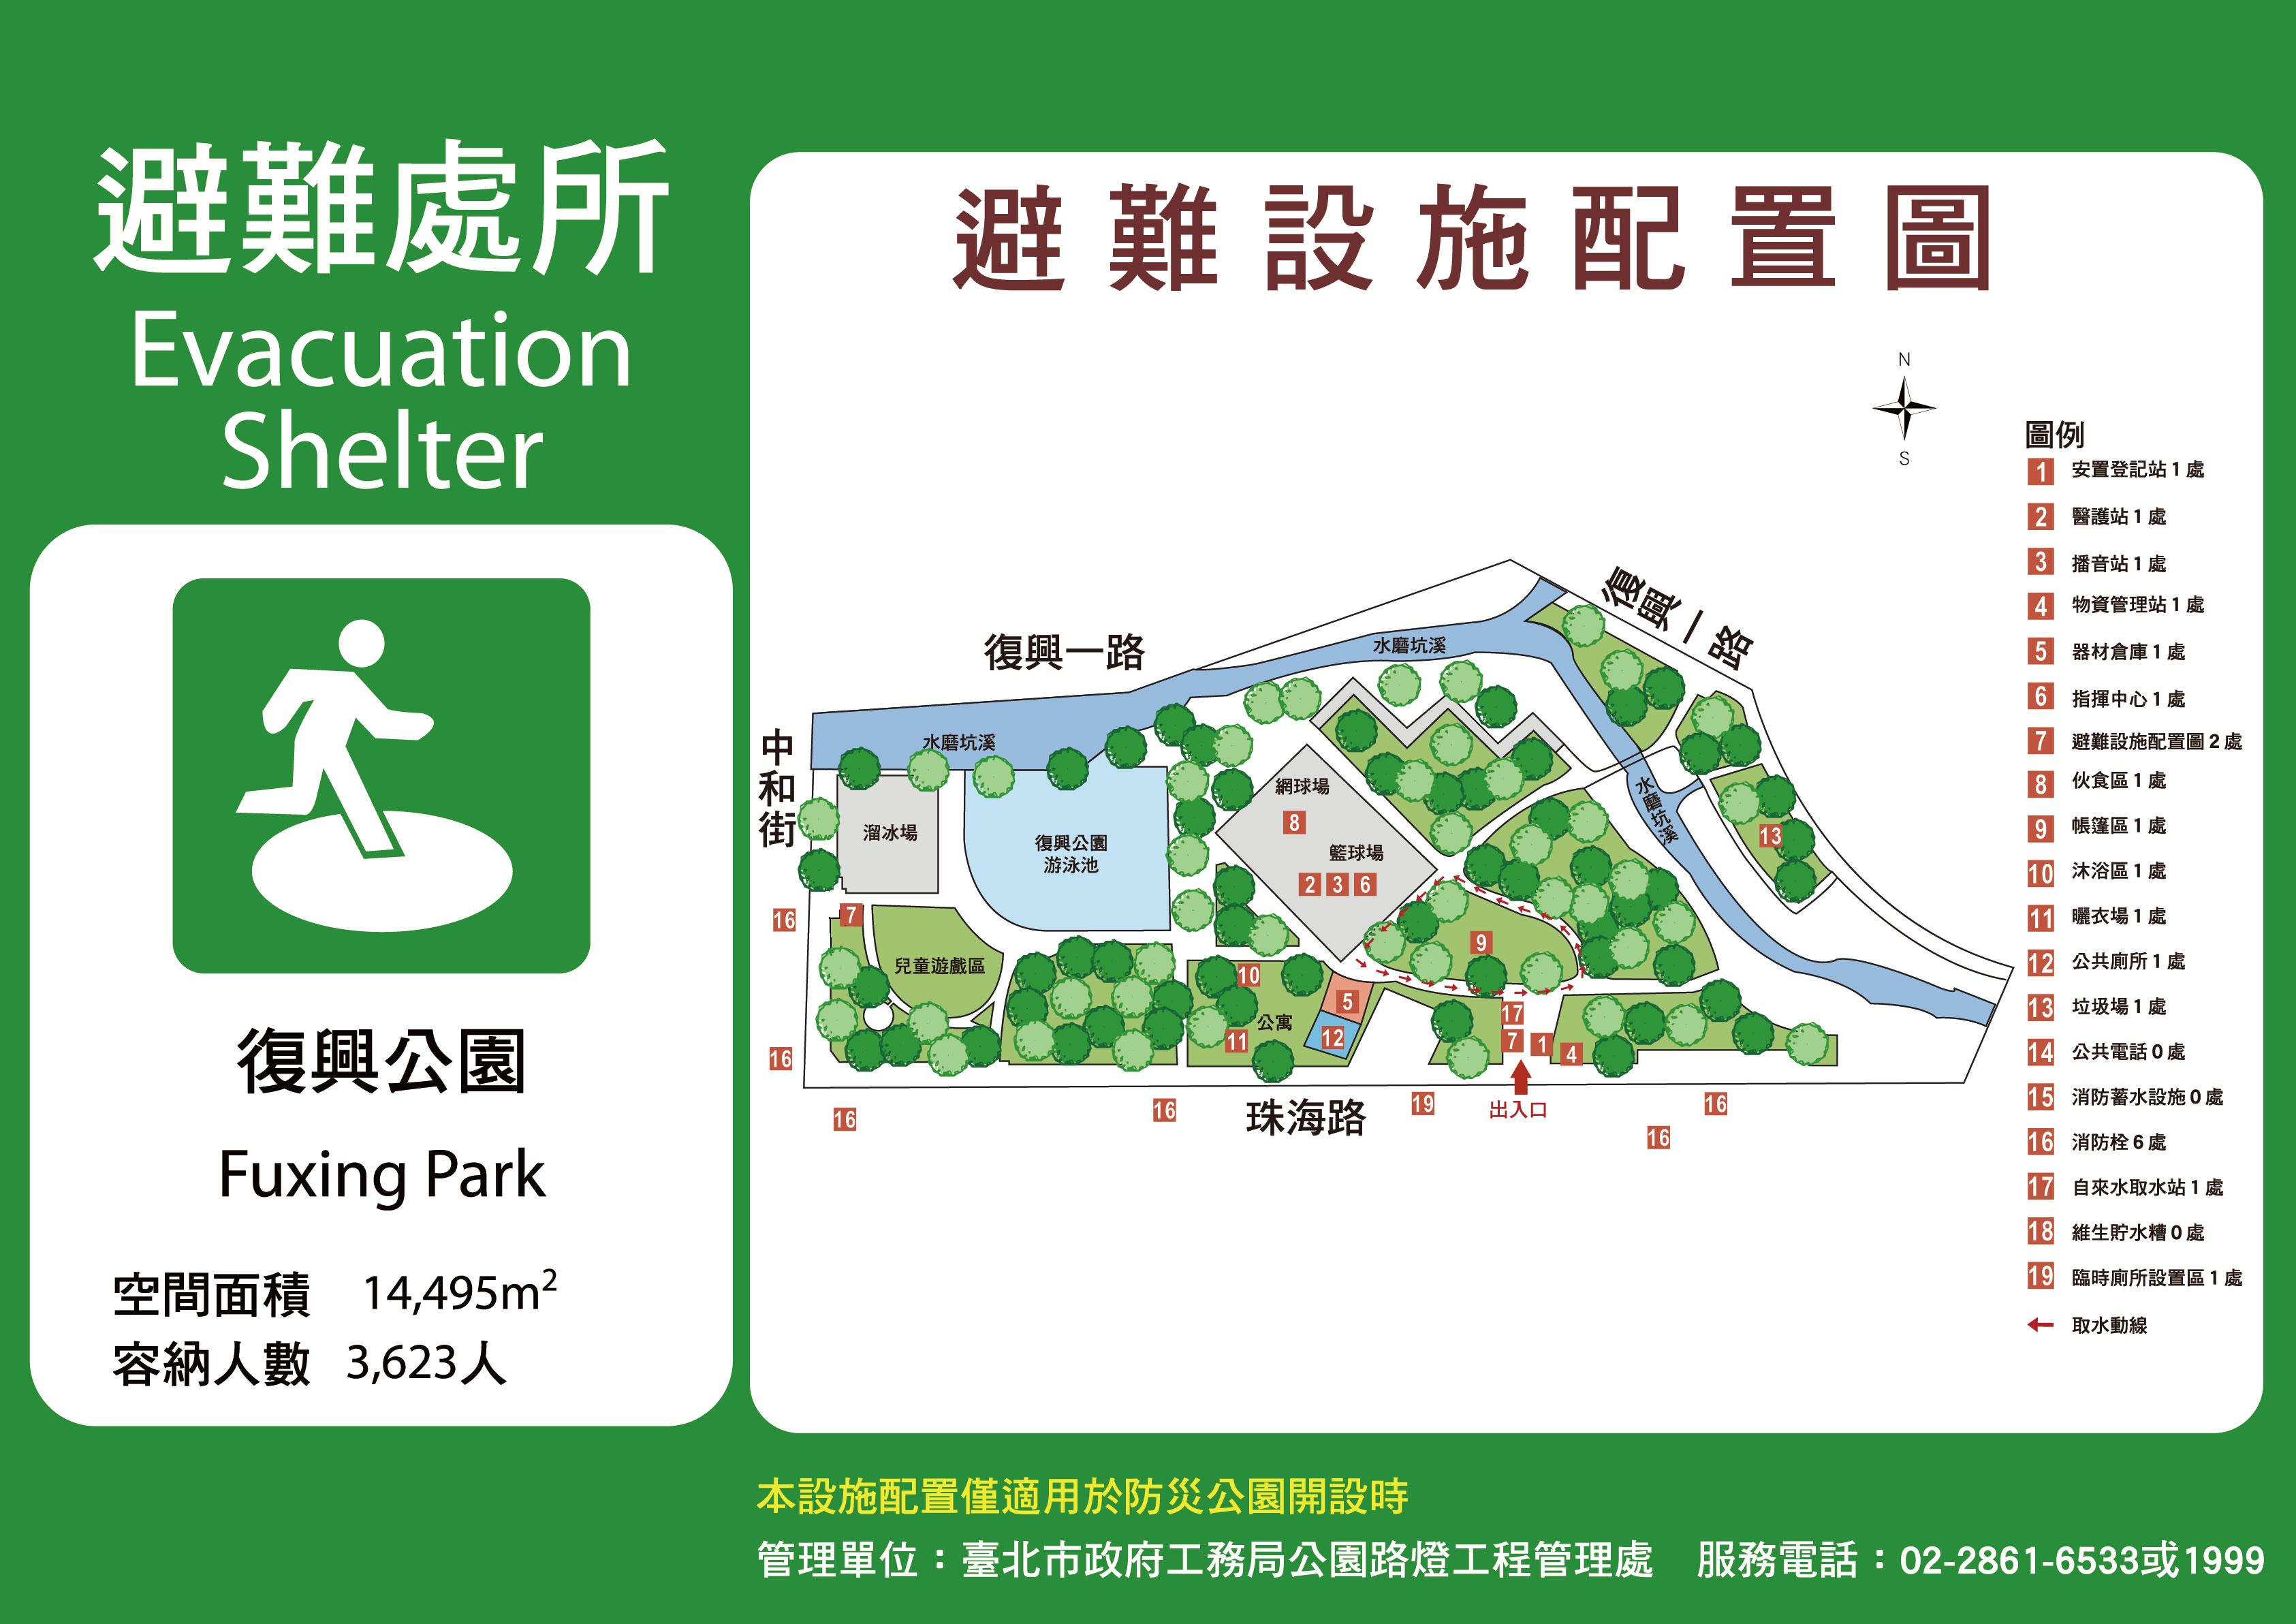 復興公園避難設施配置圖(另開新視窗)